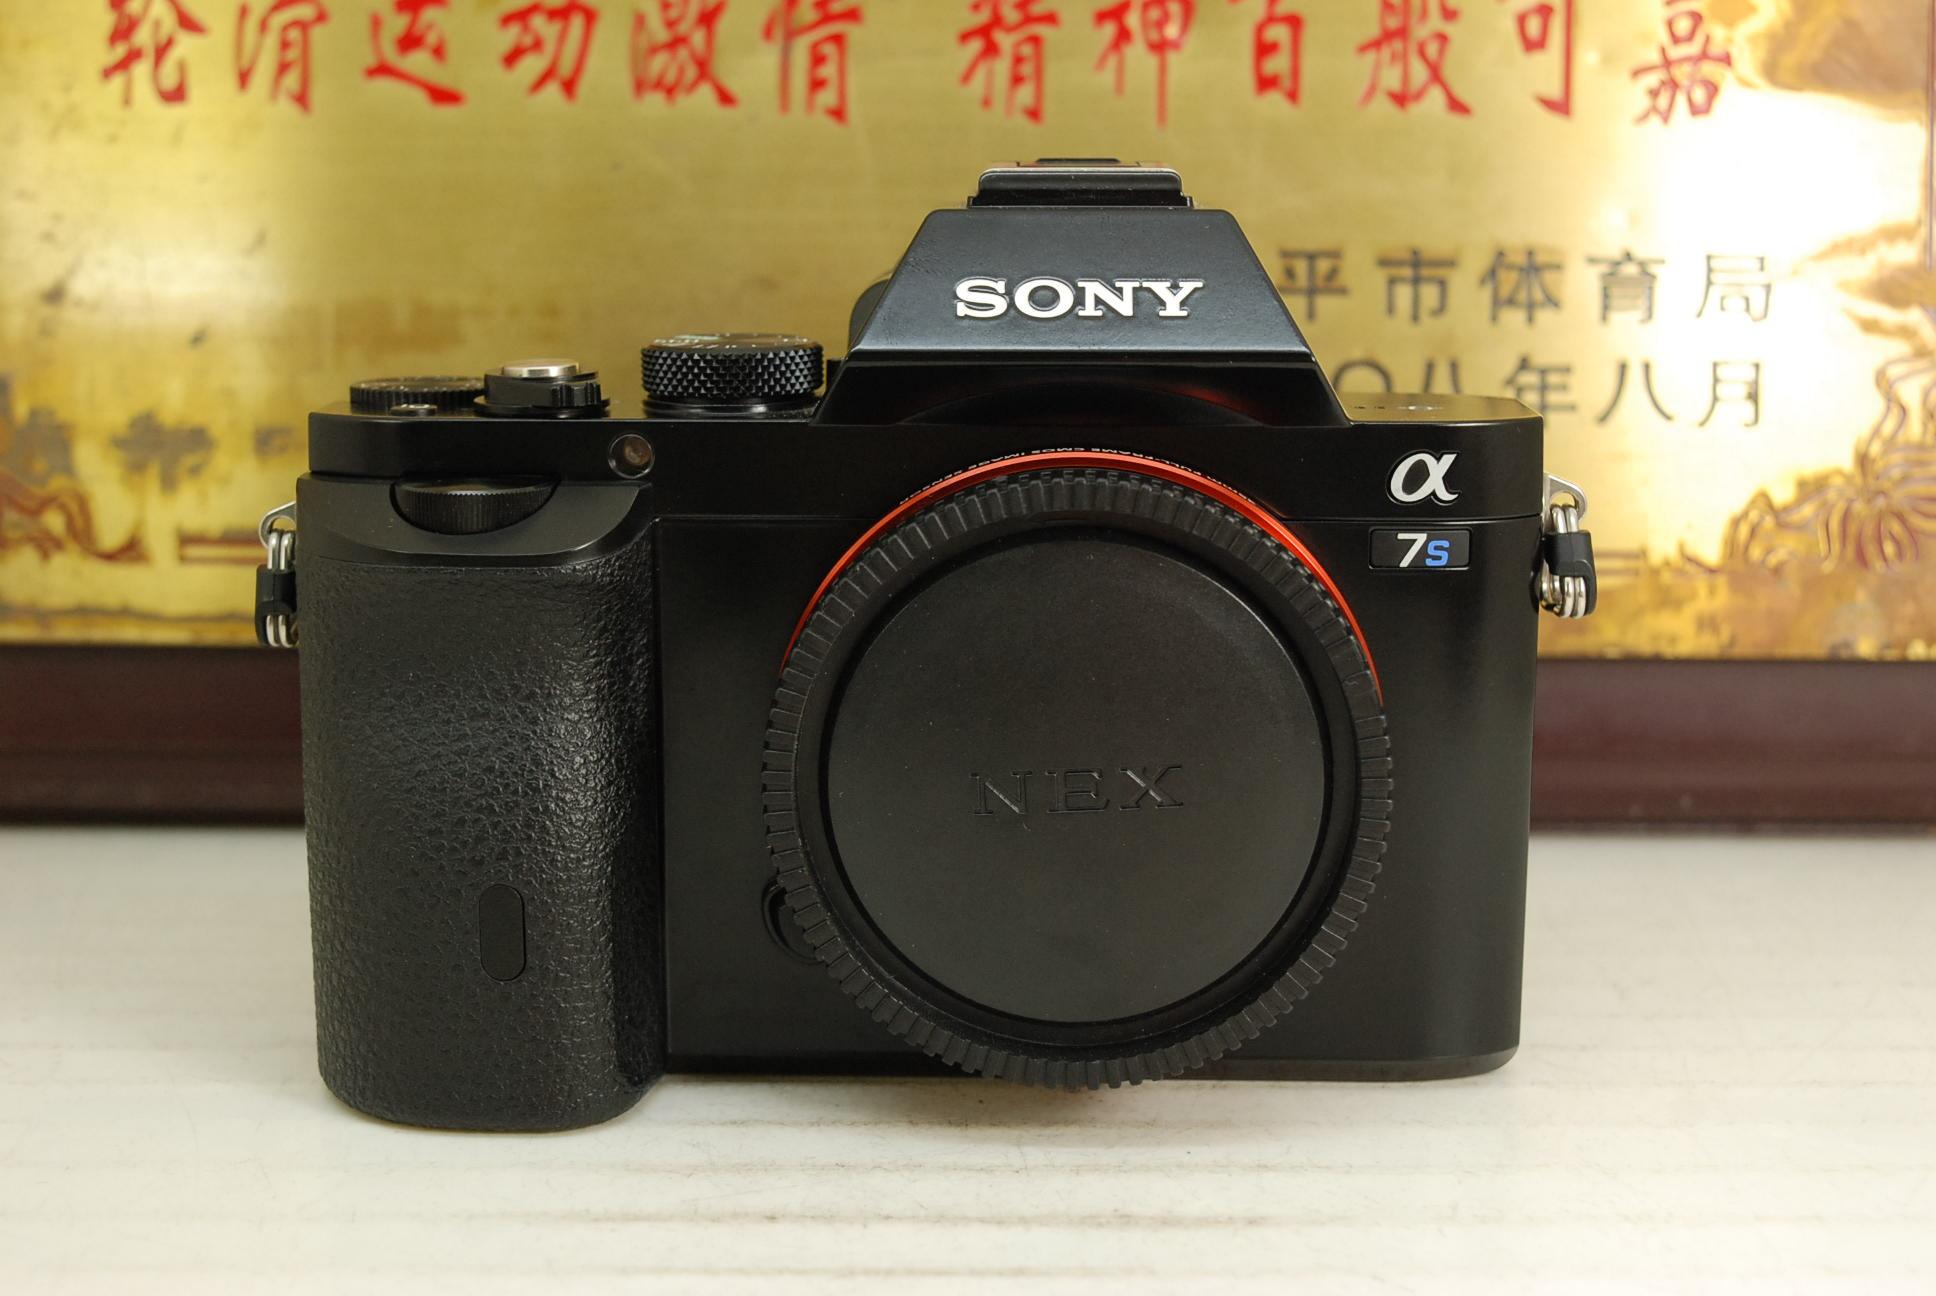 97新 索尼 a7s 微单 ILCE-7S 全画幅 无反数码相机 专业摄像 带wifi